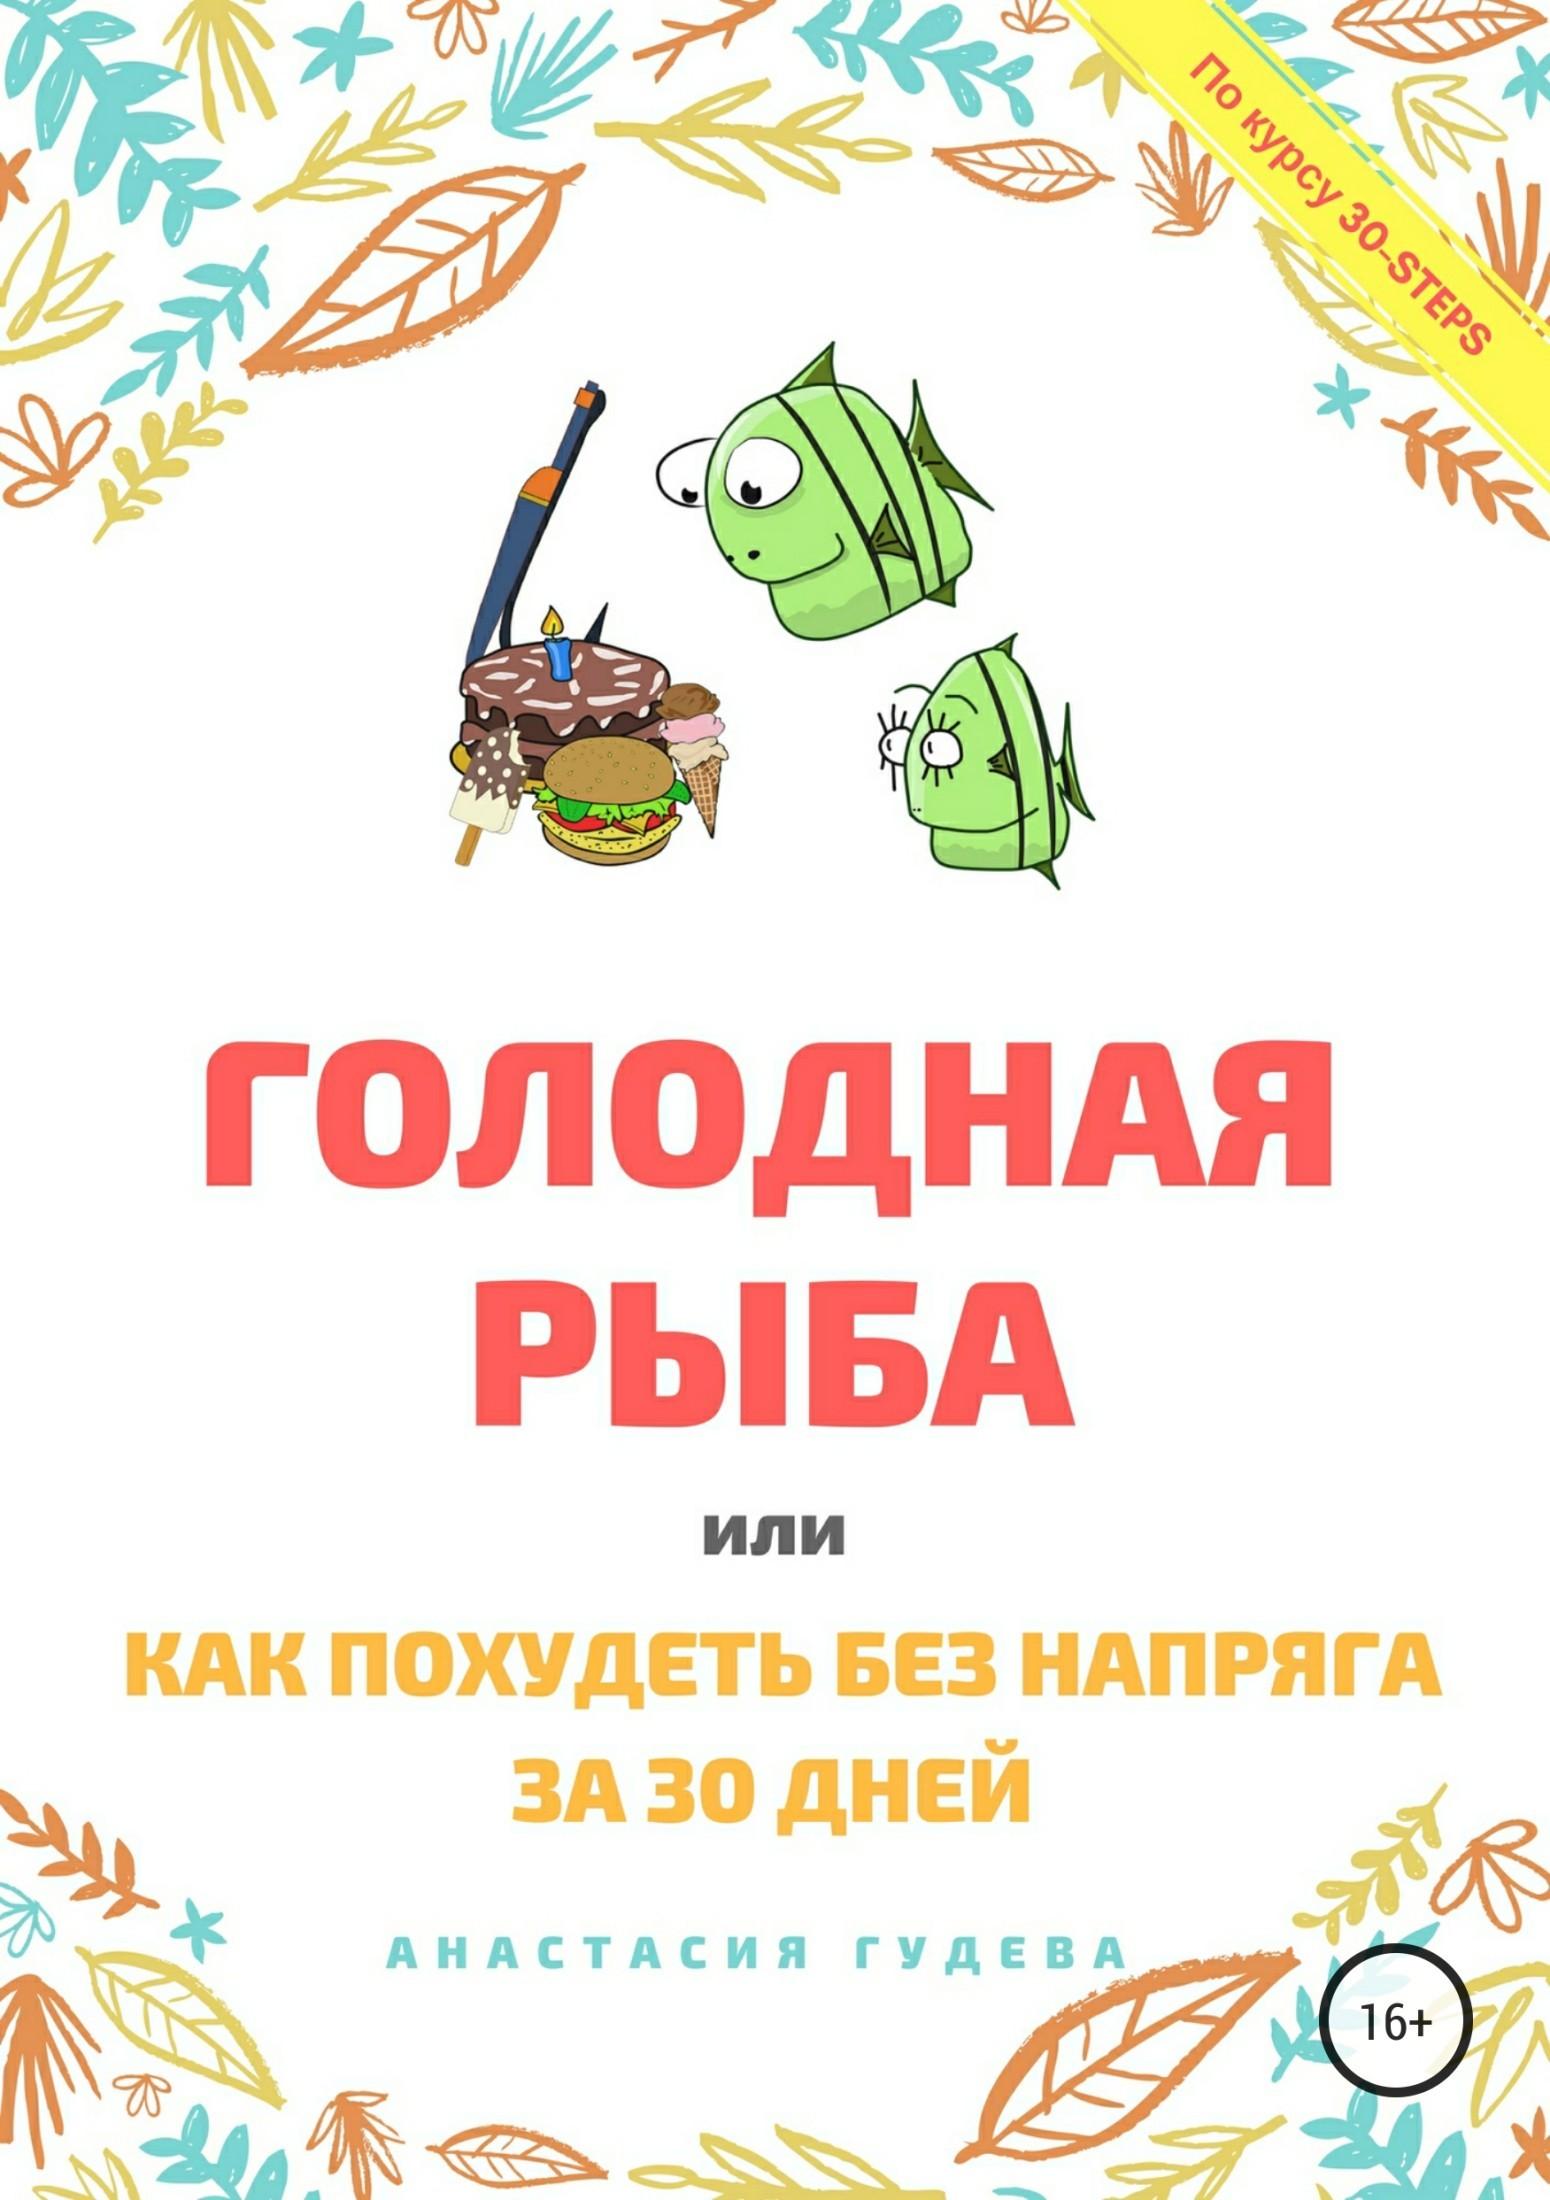 Анастасия Викторовна Гудева бесплатно